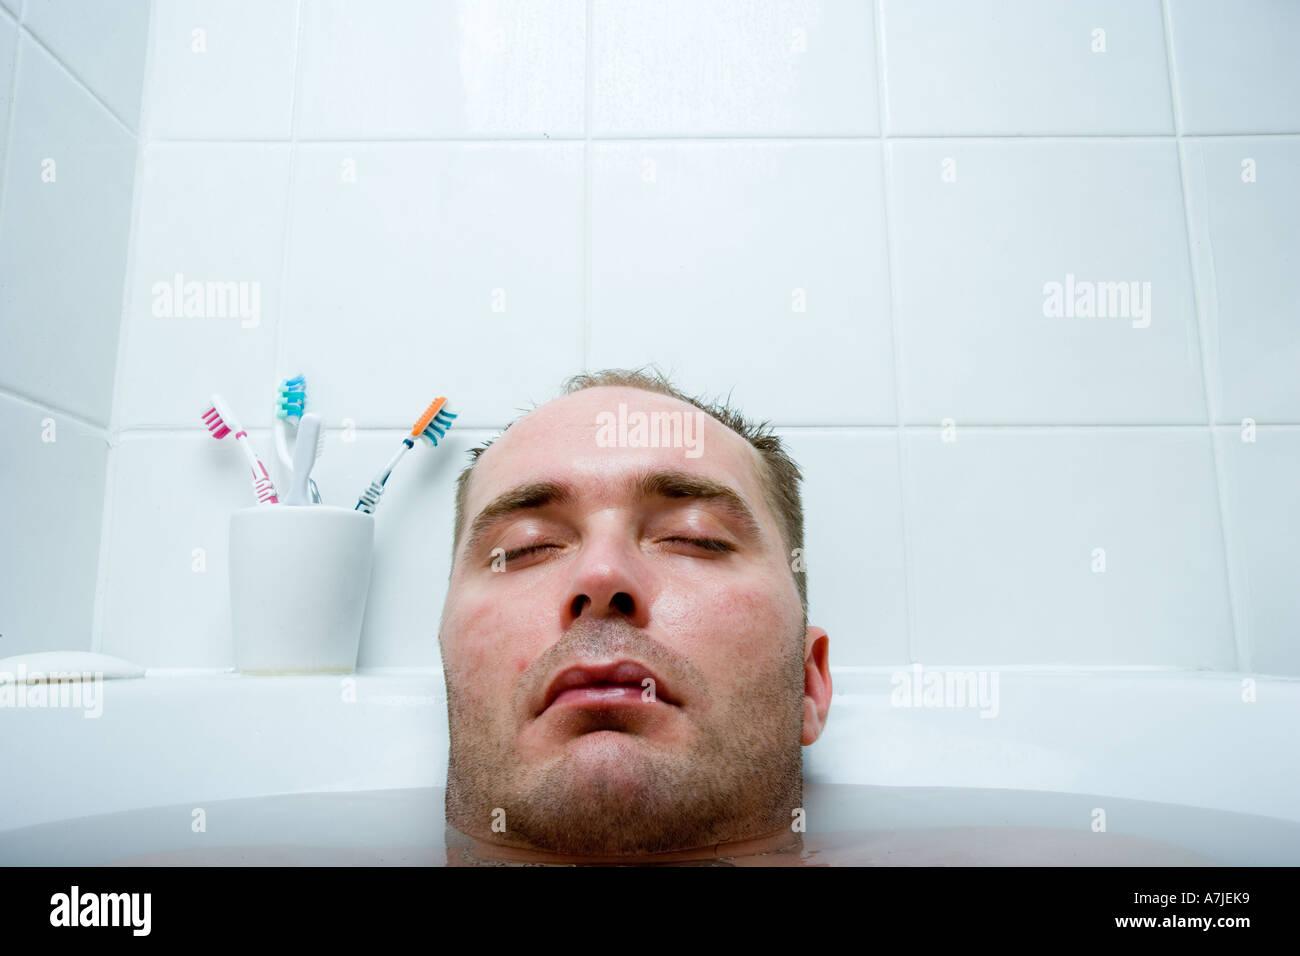 Tête d'un homme avec les yeux fermés et le reste de son corps plongé dans une baignoire Photo Stock